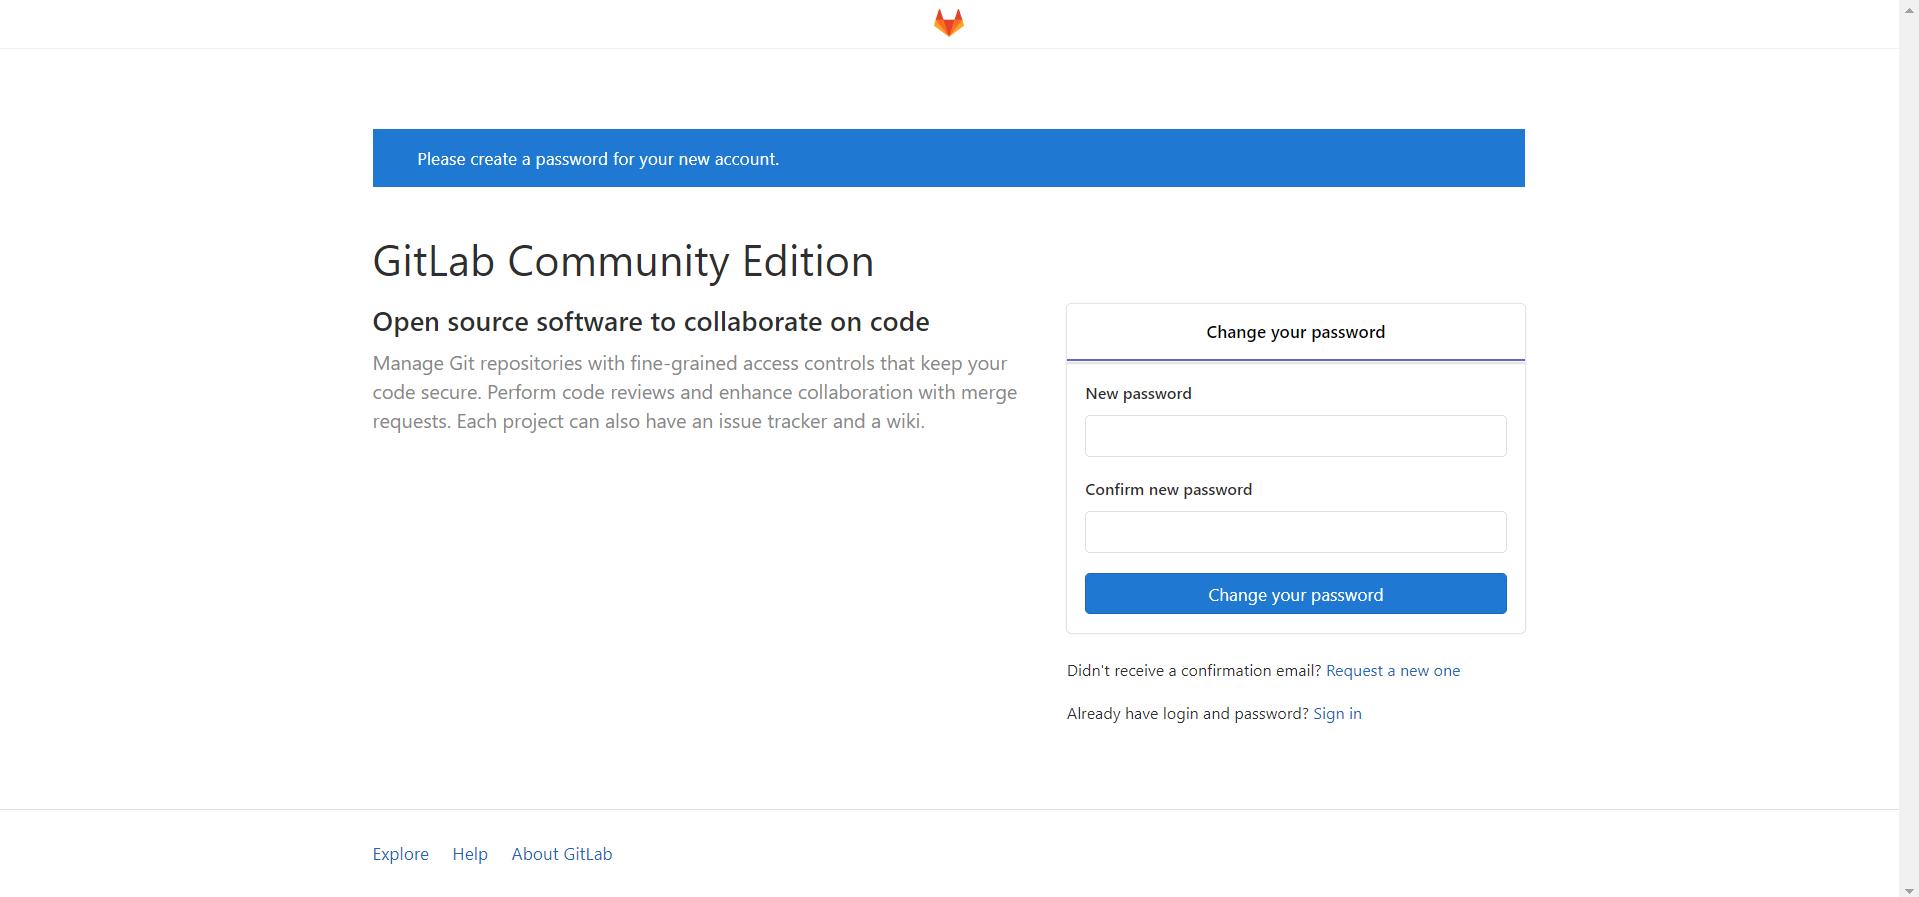 首次打开GitLab网址